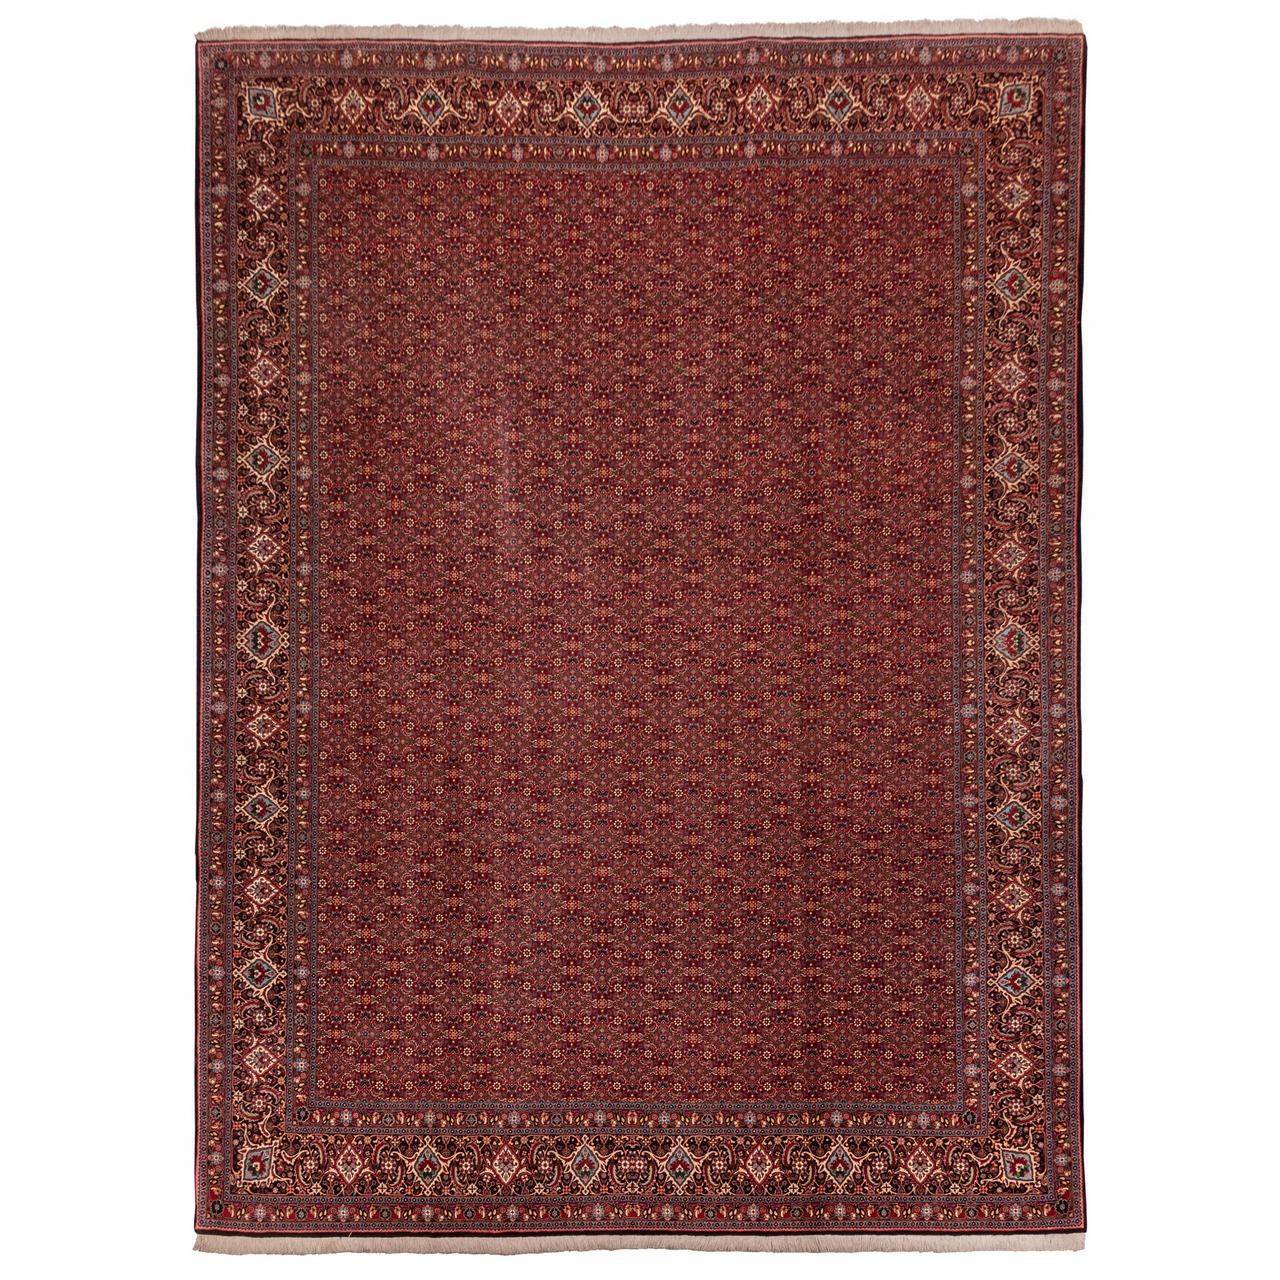 فرش دستباف دوازده متری سی پرشیا کد 187115